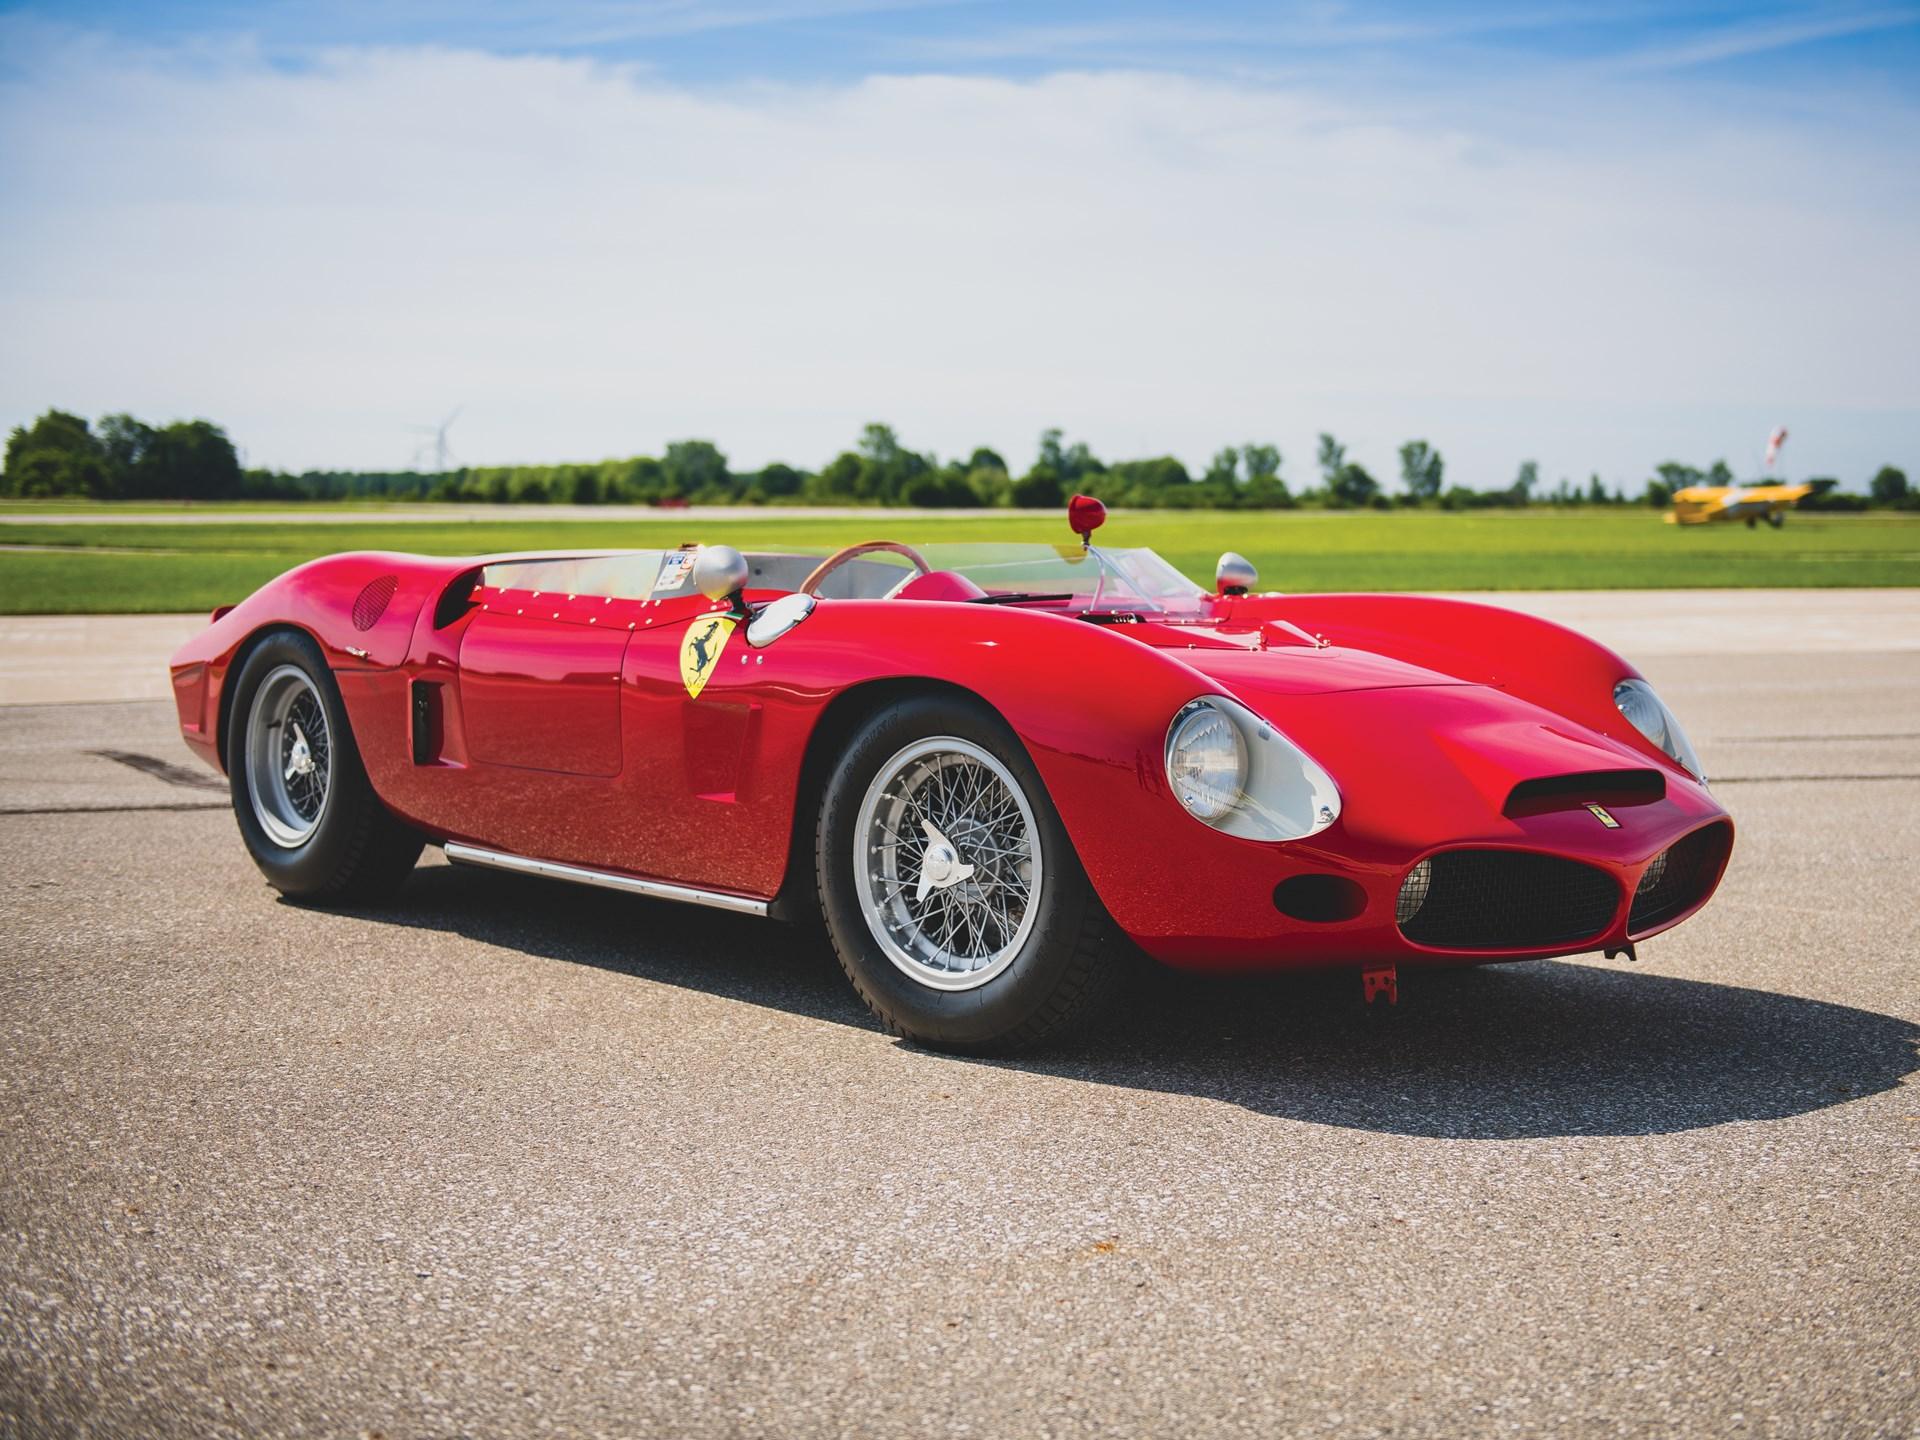 1962 Ferrari 196 SP by Fantuzzi